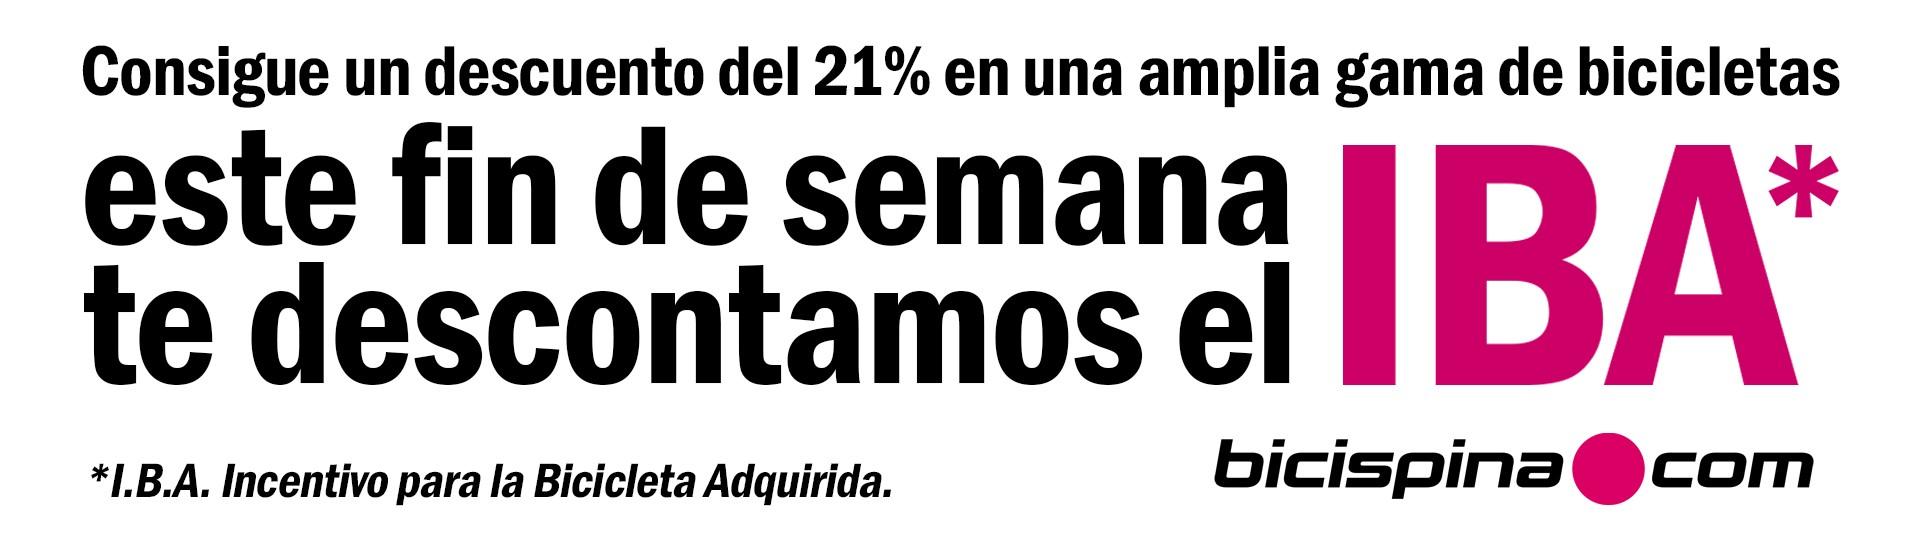 Descuento del 21%, iBa